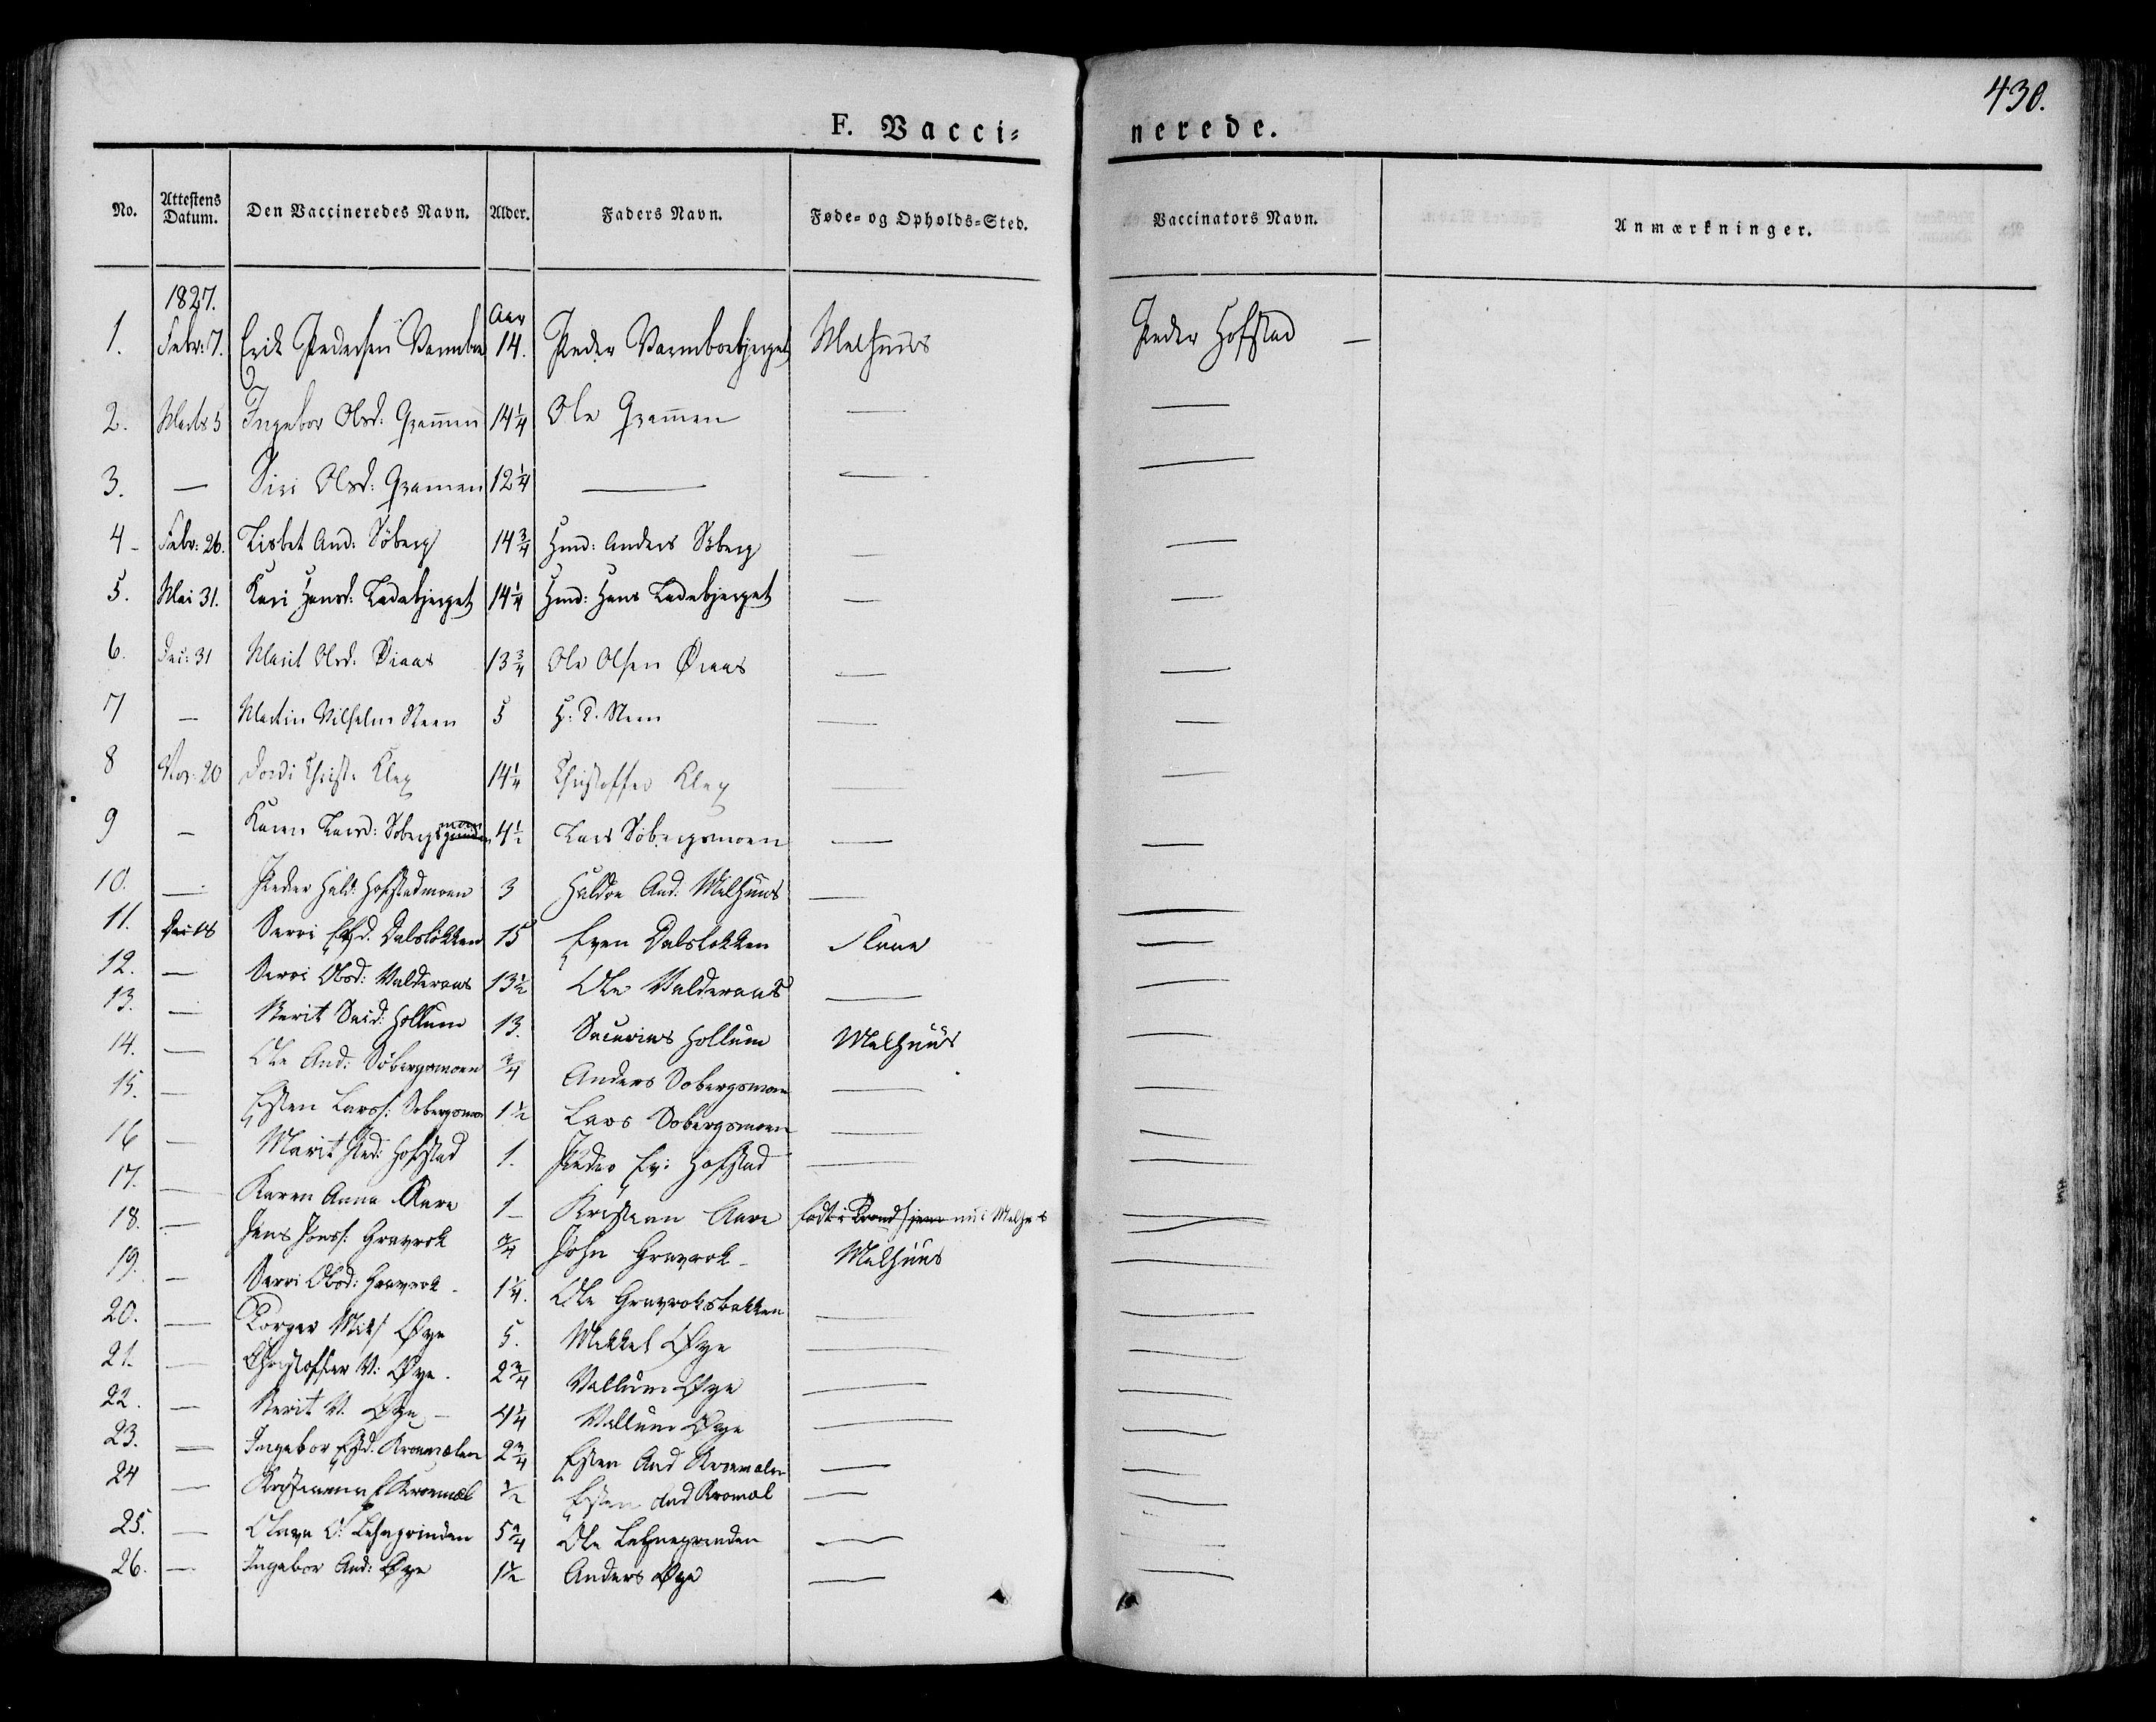 SAT, Ministerialprotokoller, klokkerbøker og fødselsregistre - Sør-Trøndelag, 691/L1070: Ministerialbok nr. 691A05 /1, 1826-1841, s. 430